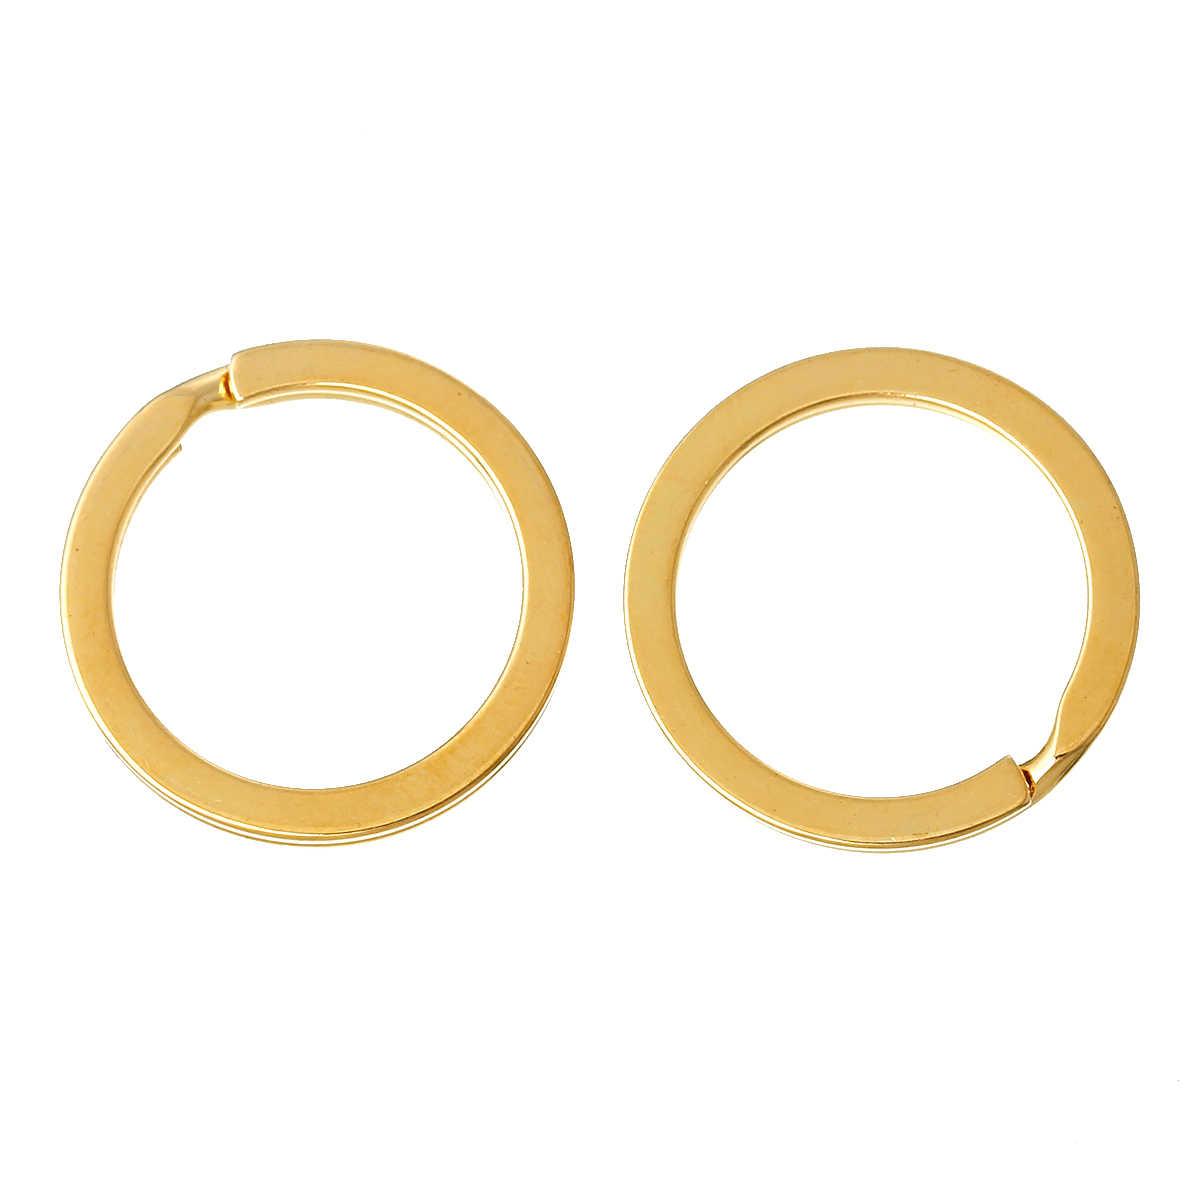 """DoreenBeads Liga Chaveiros Chave Anéis Círculo Anel de Ouro cor 25.0mm (1 """") de Diâmetro, 2 pcs 2015 novo"""